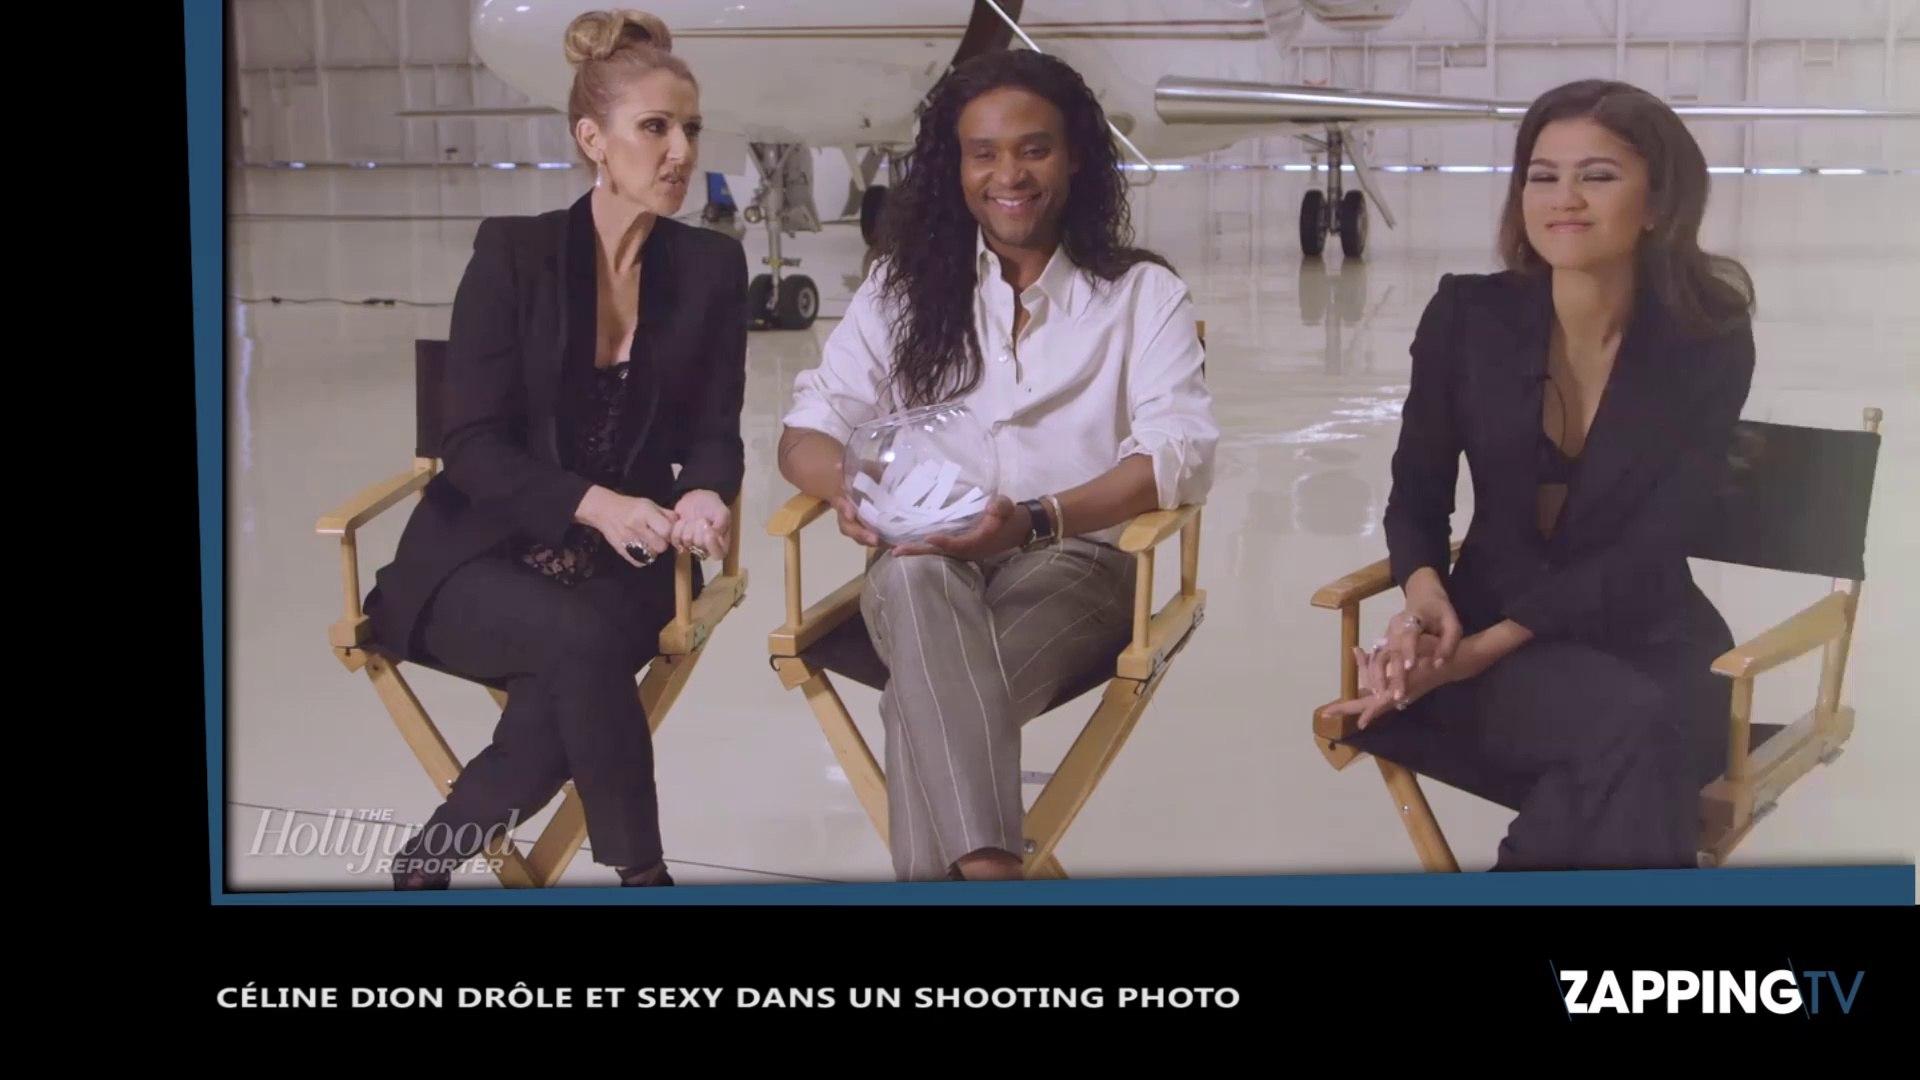 Celine Dion Drole Et Sexy Dans Un Shooting Photo Video Dailymotion